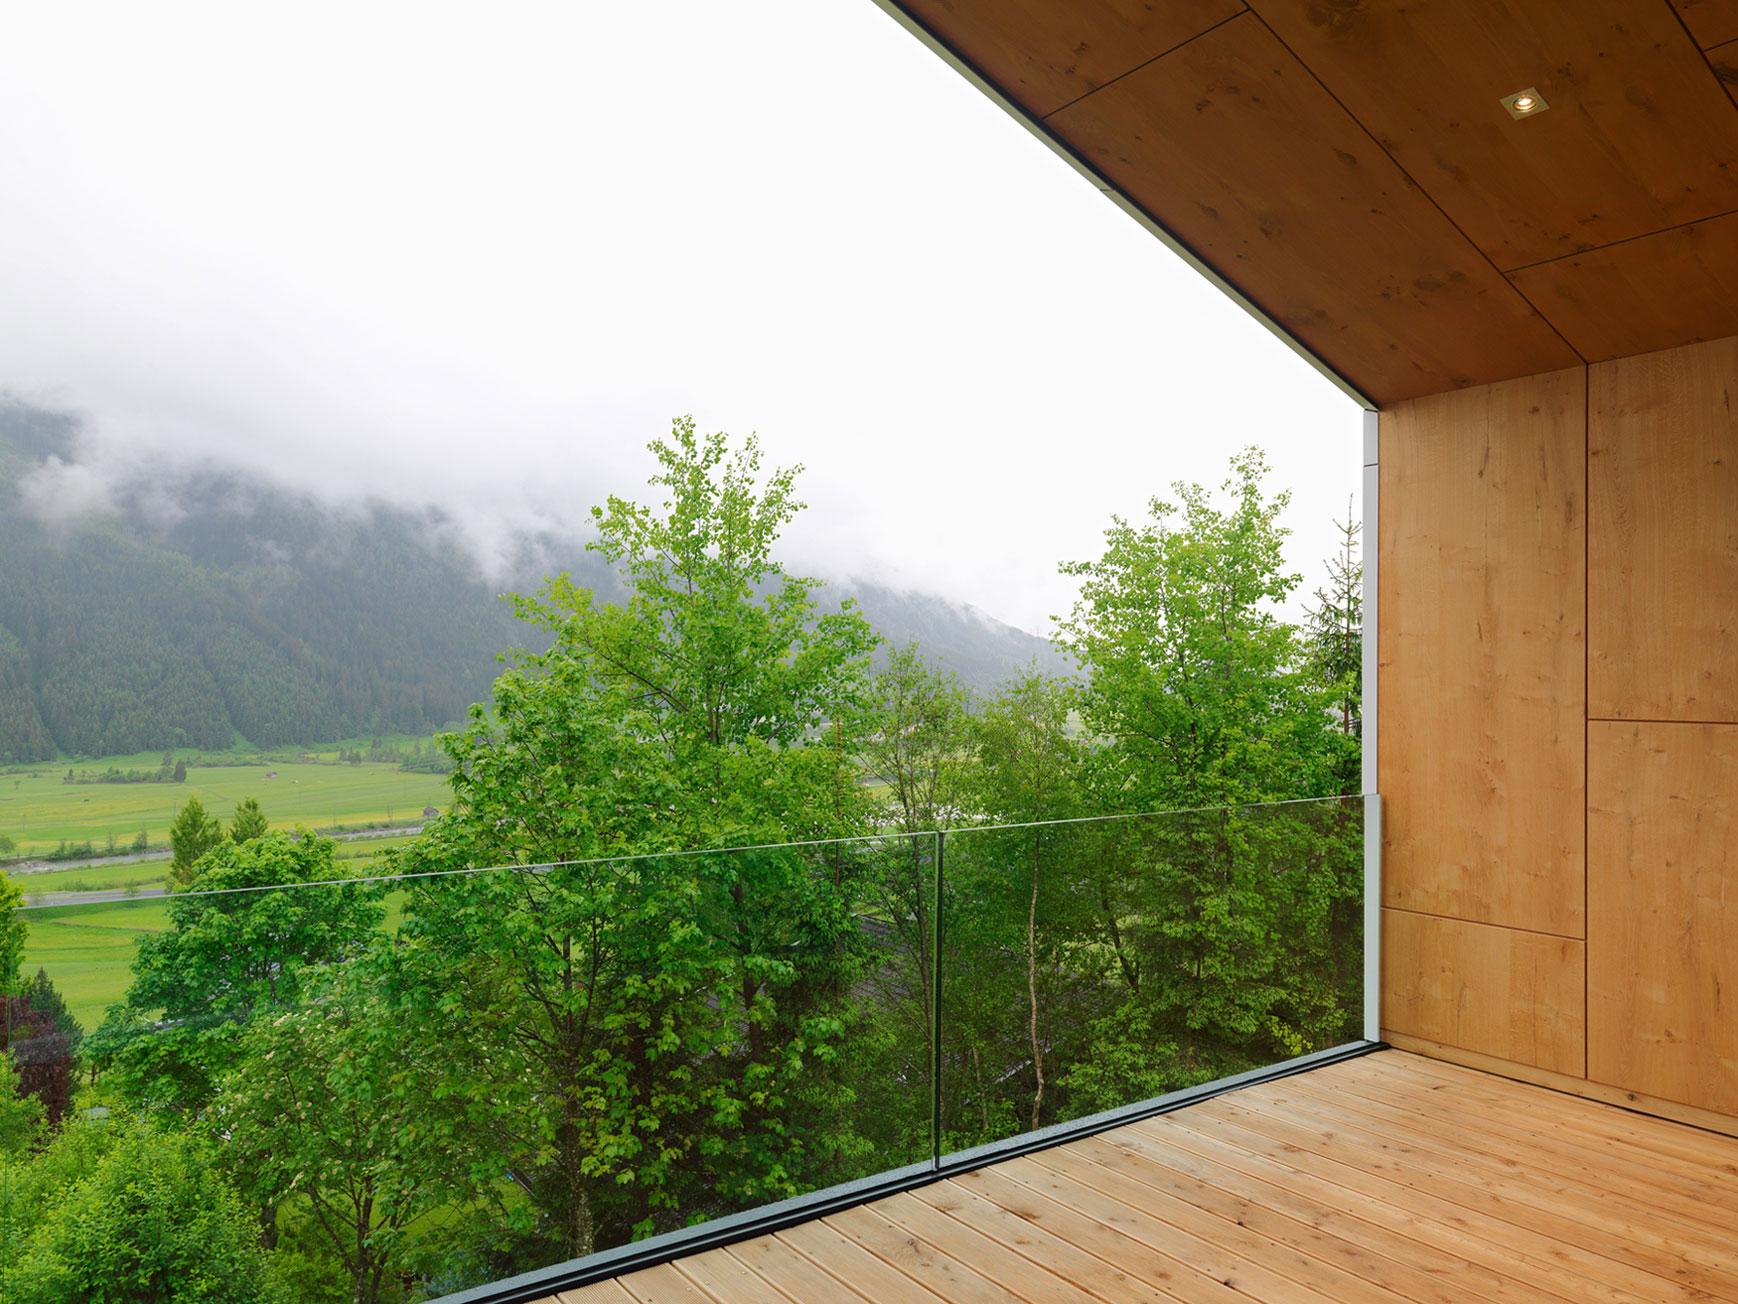 Kitzbuehel Mountain View House by SoNo arhitekti-08